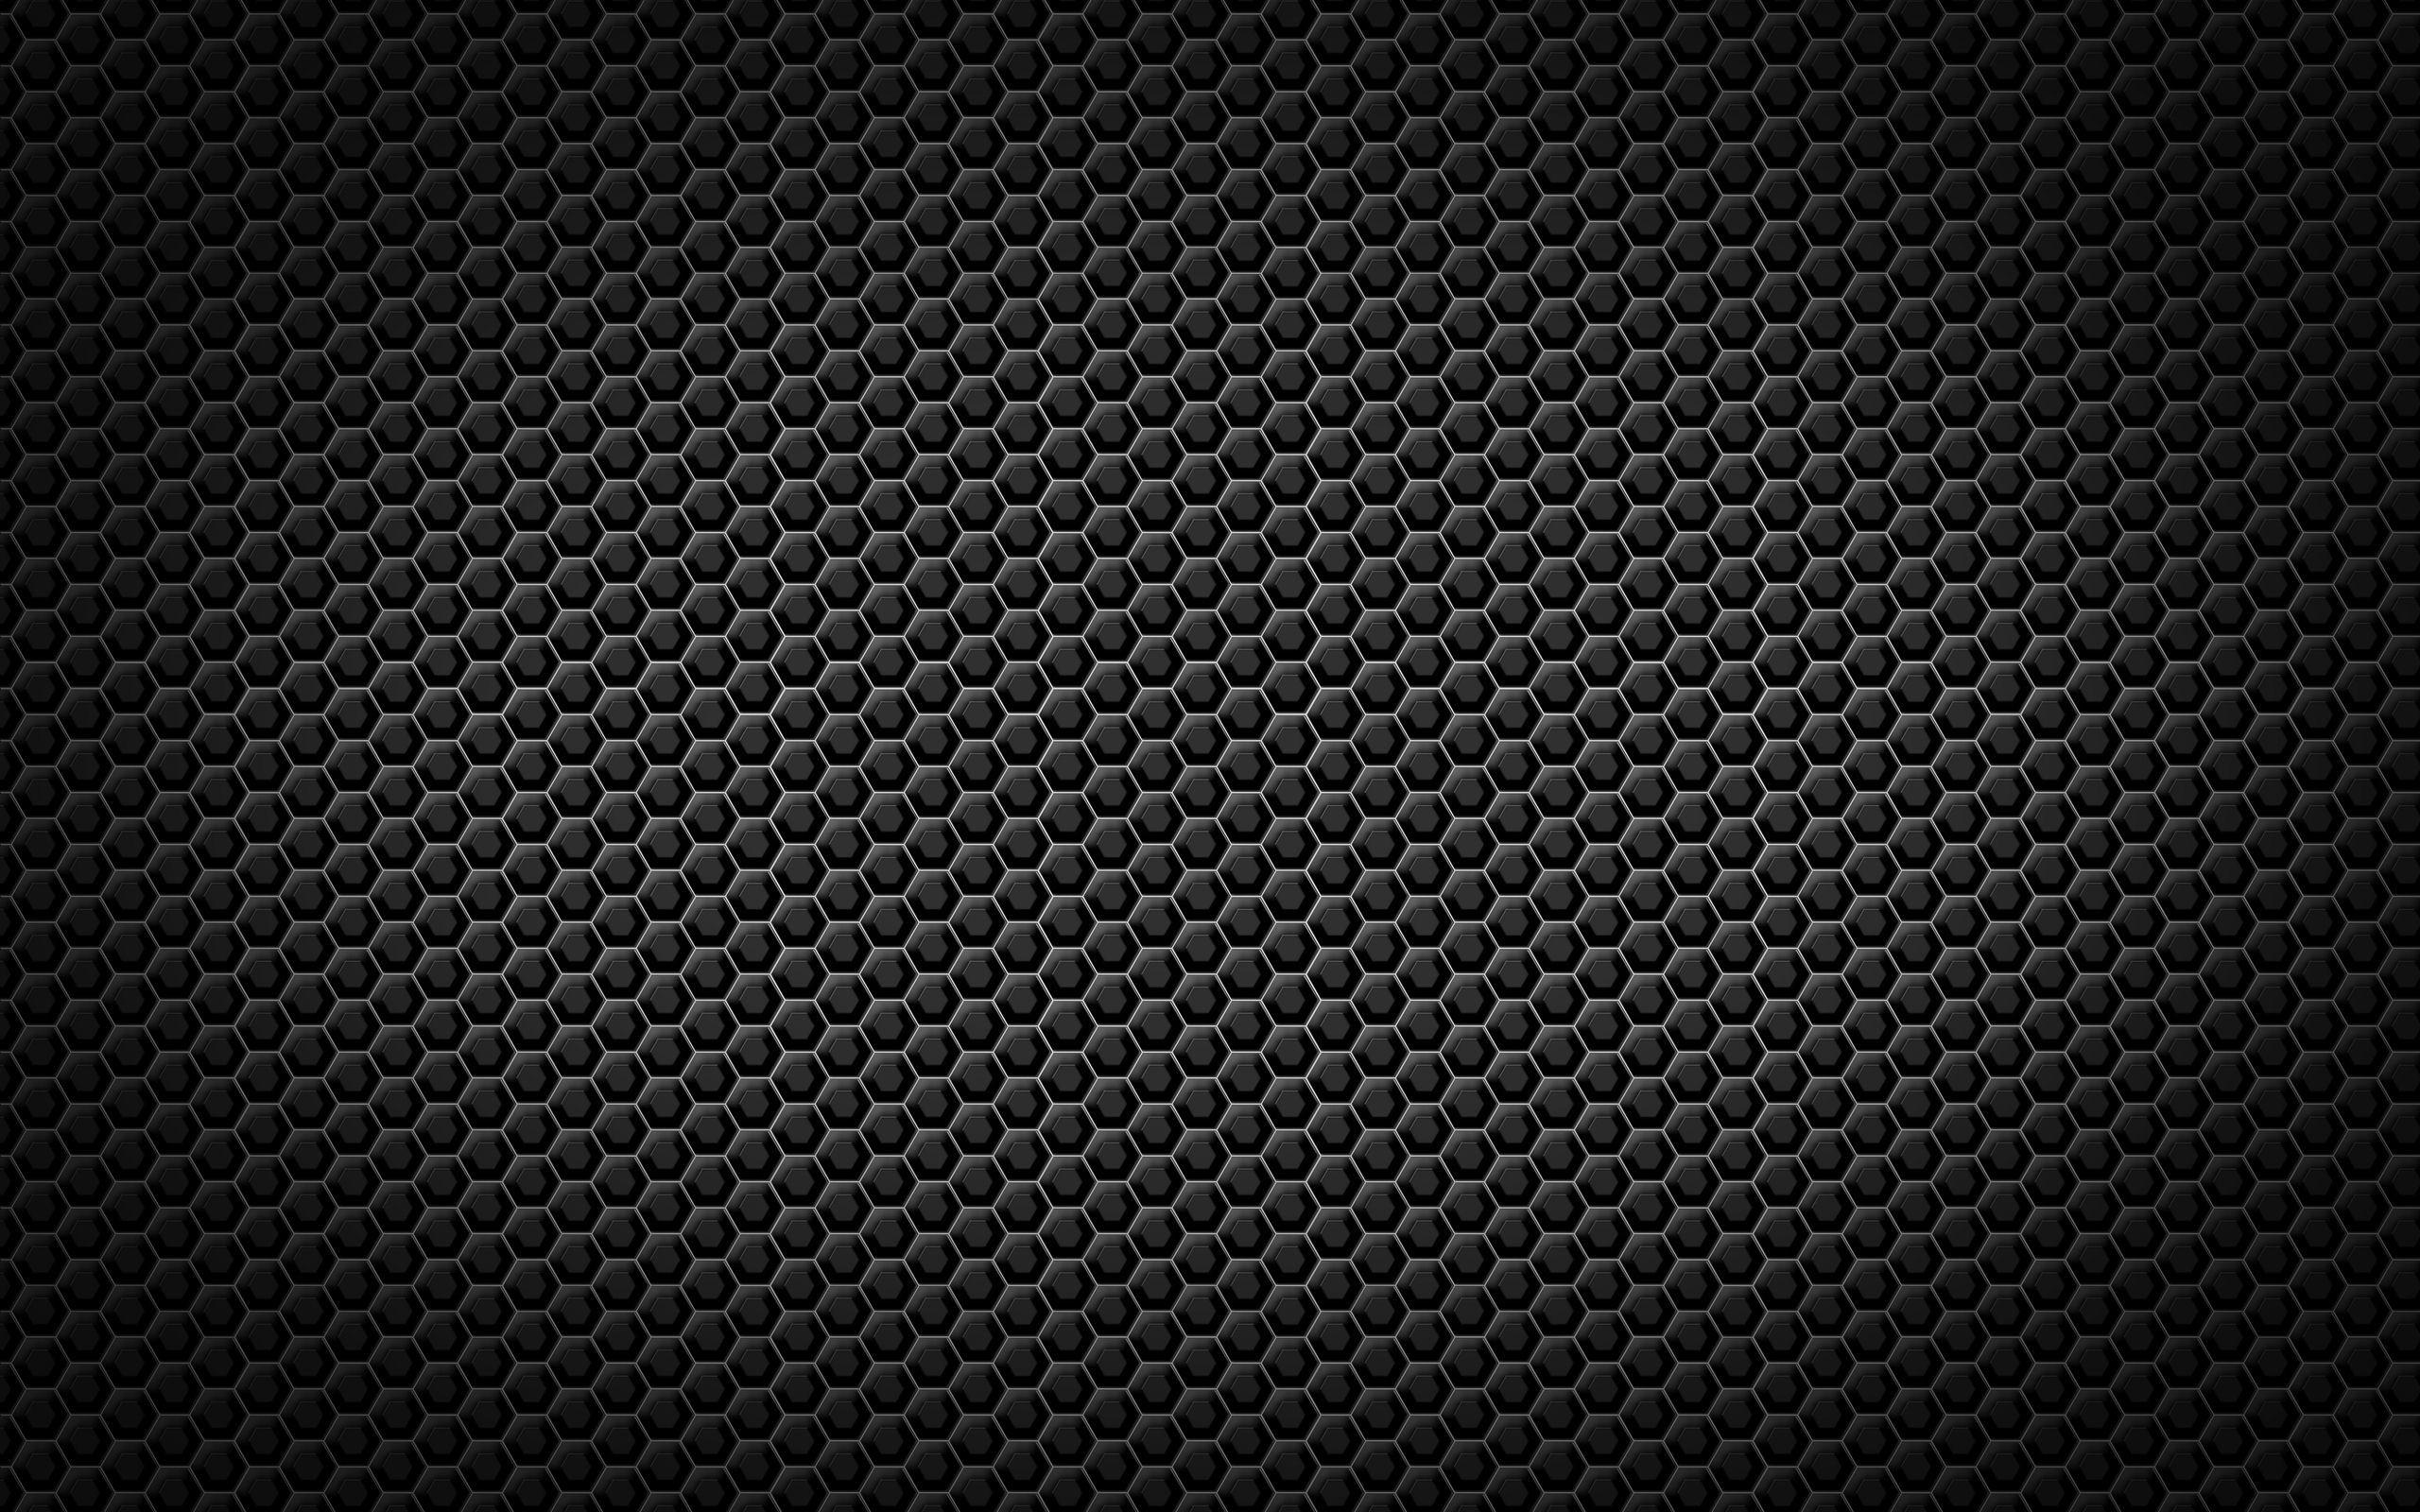 wallpaper.wiki-HD-pink-grey-black-wallpaper-PIC-